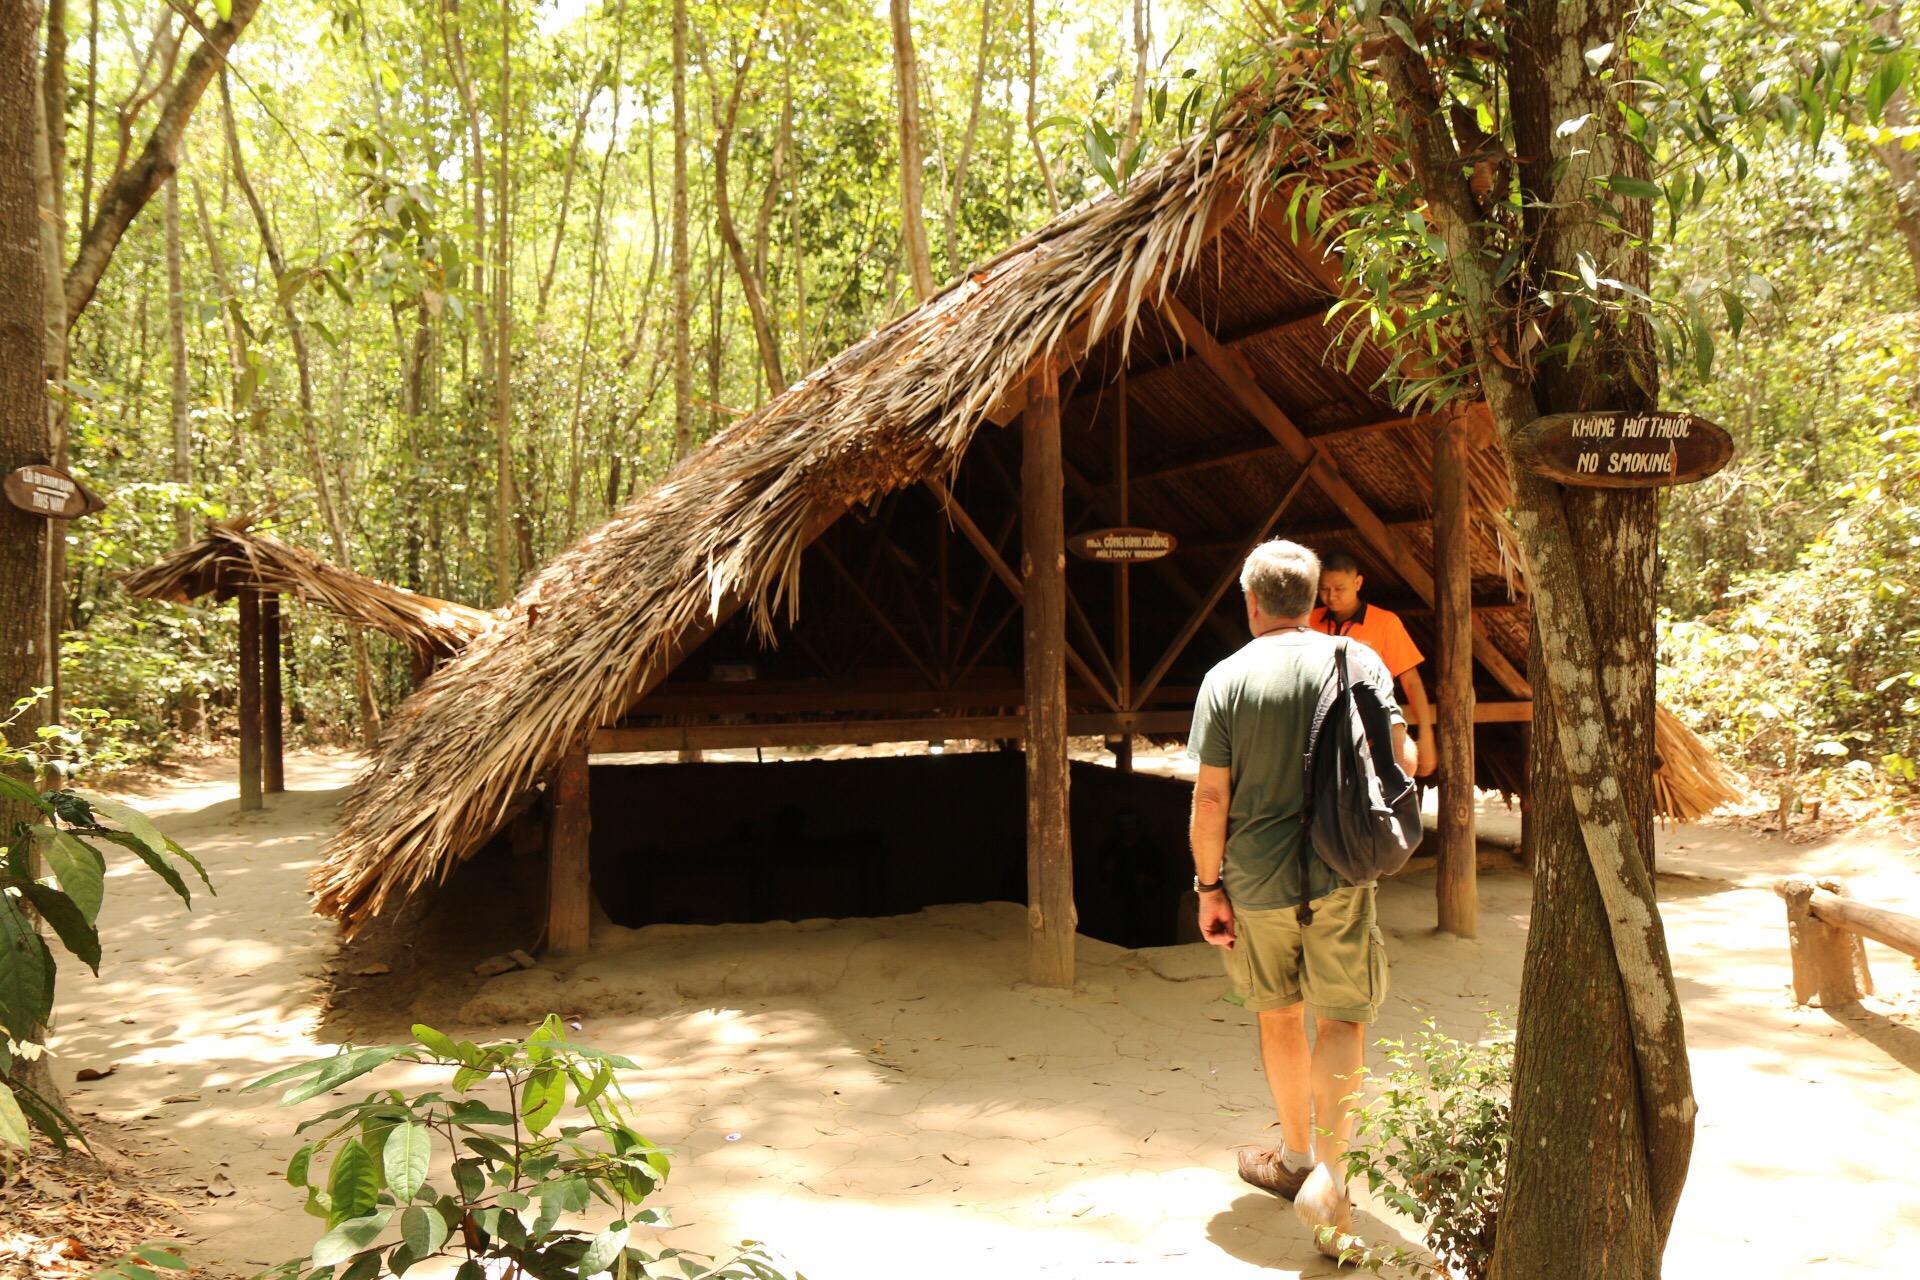 Nicht alle teile der Anlage waren komplett unterirdisch. Manche Hütte war auch nur gut getarnt im Urwald.